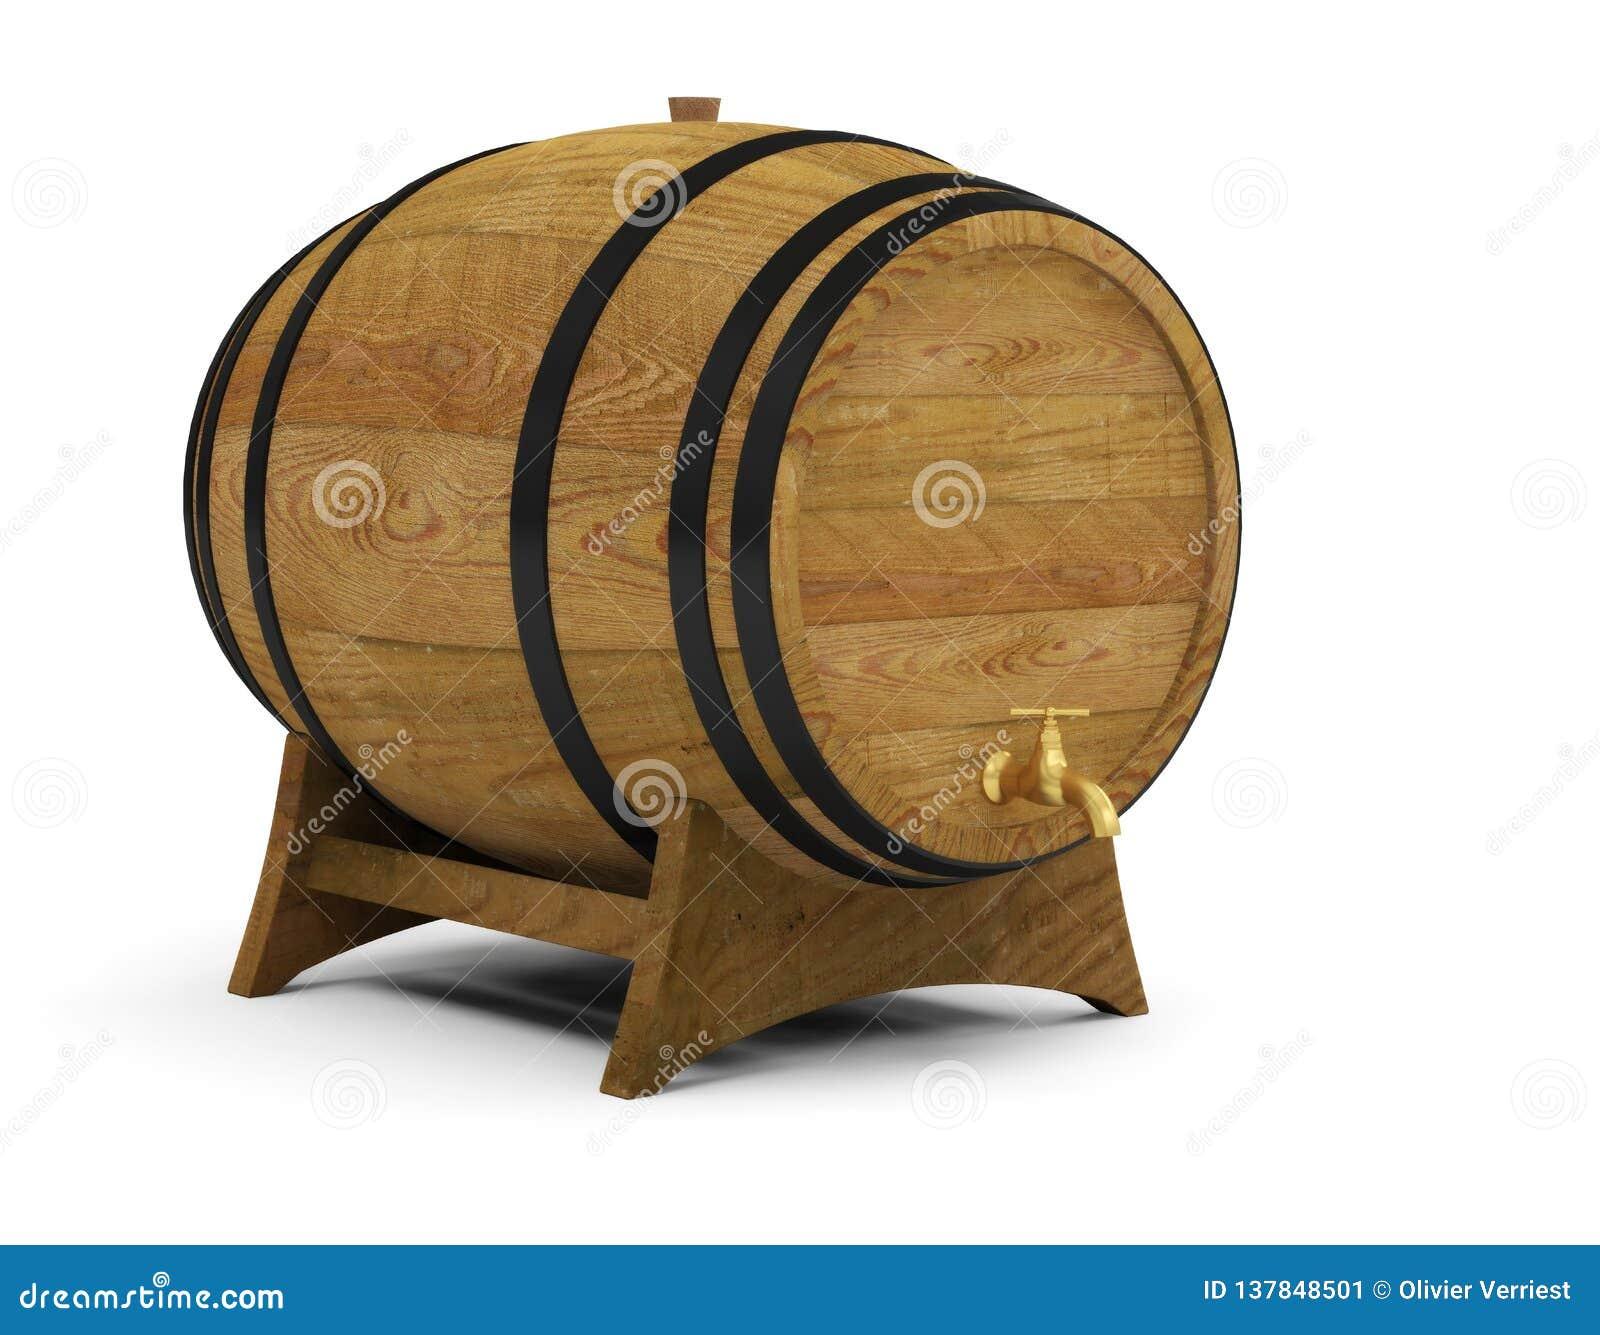 Wooden wine barrels alcohol beer barrel